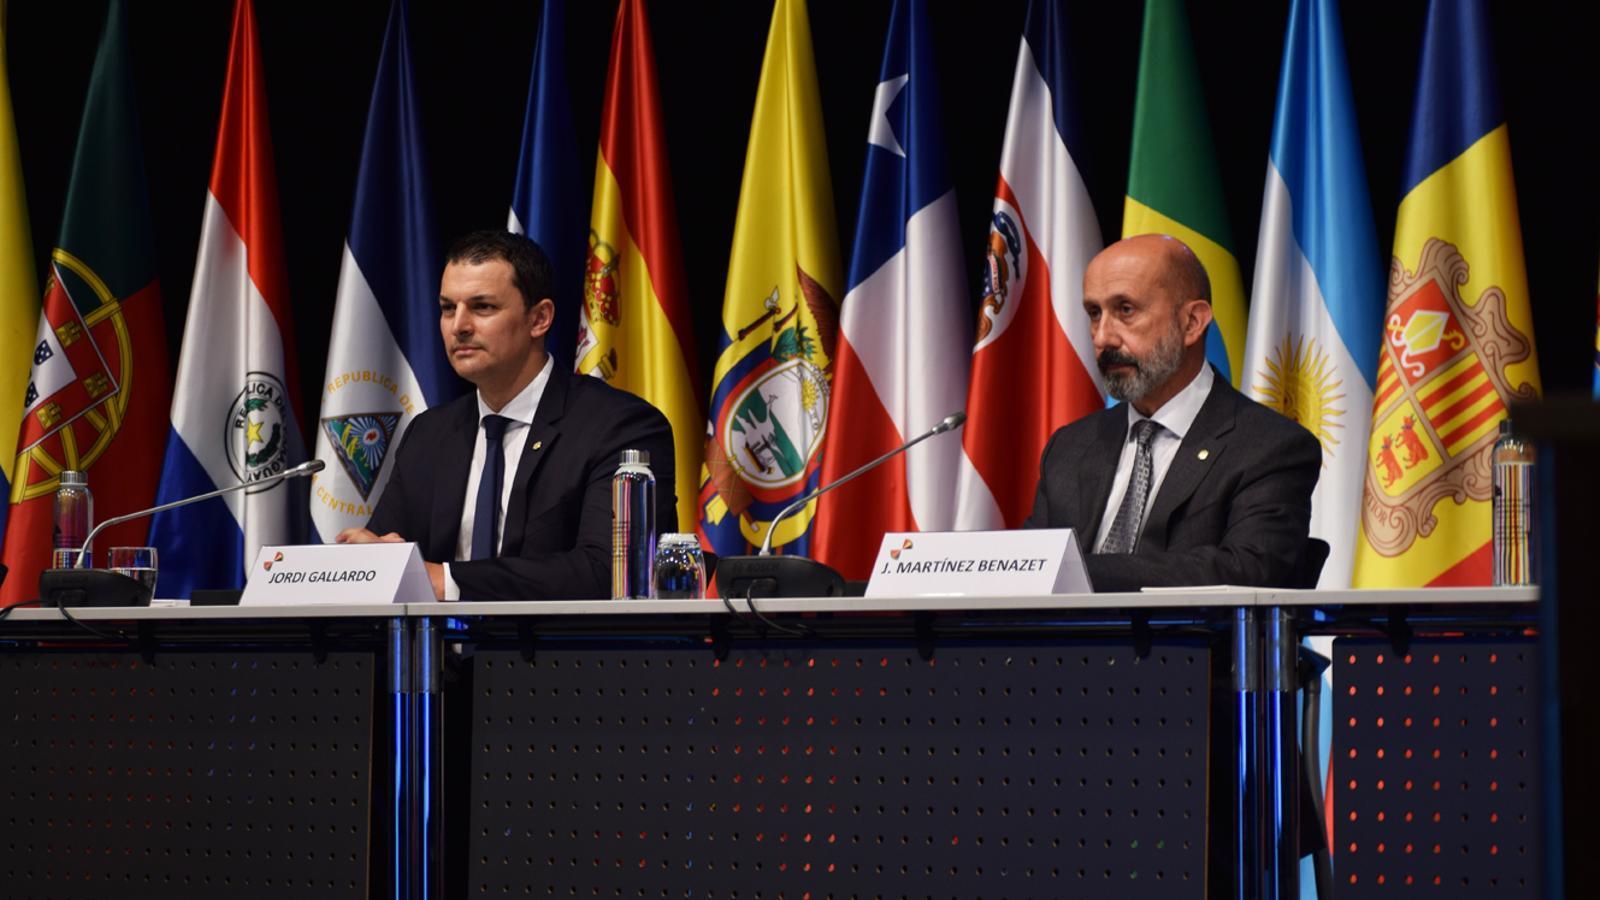 Els ministres d'Economia i Salut, Jordi Gallardo i Joan Martínez Benazet, durant la reunió extraordinària d'alt nivell de ciència, tecnologia i innovació contra la crisi del coronavirus